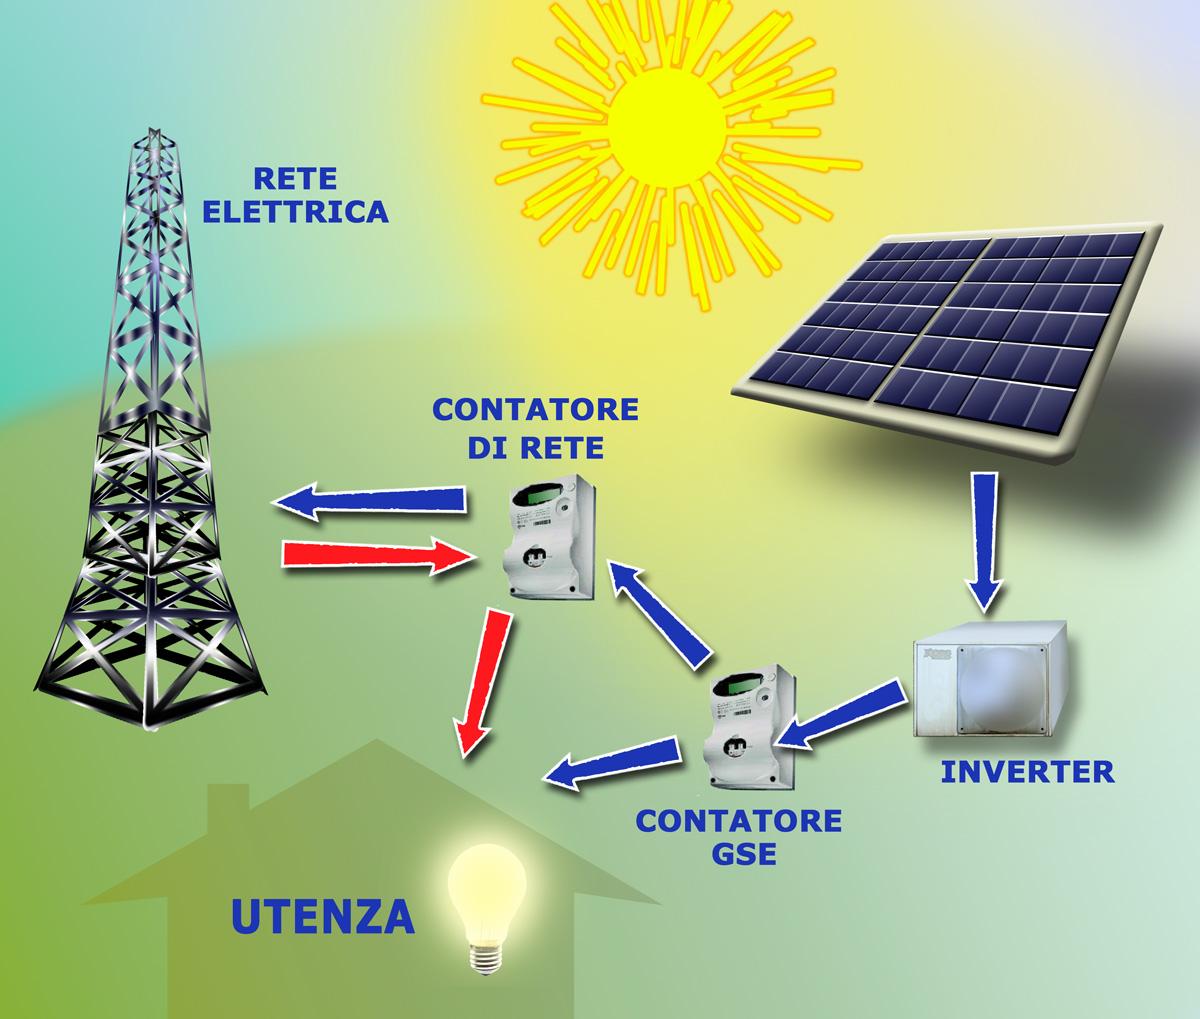 Giacca Con Pannello Solare : Acchiappa mosche come finanziare un impianto